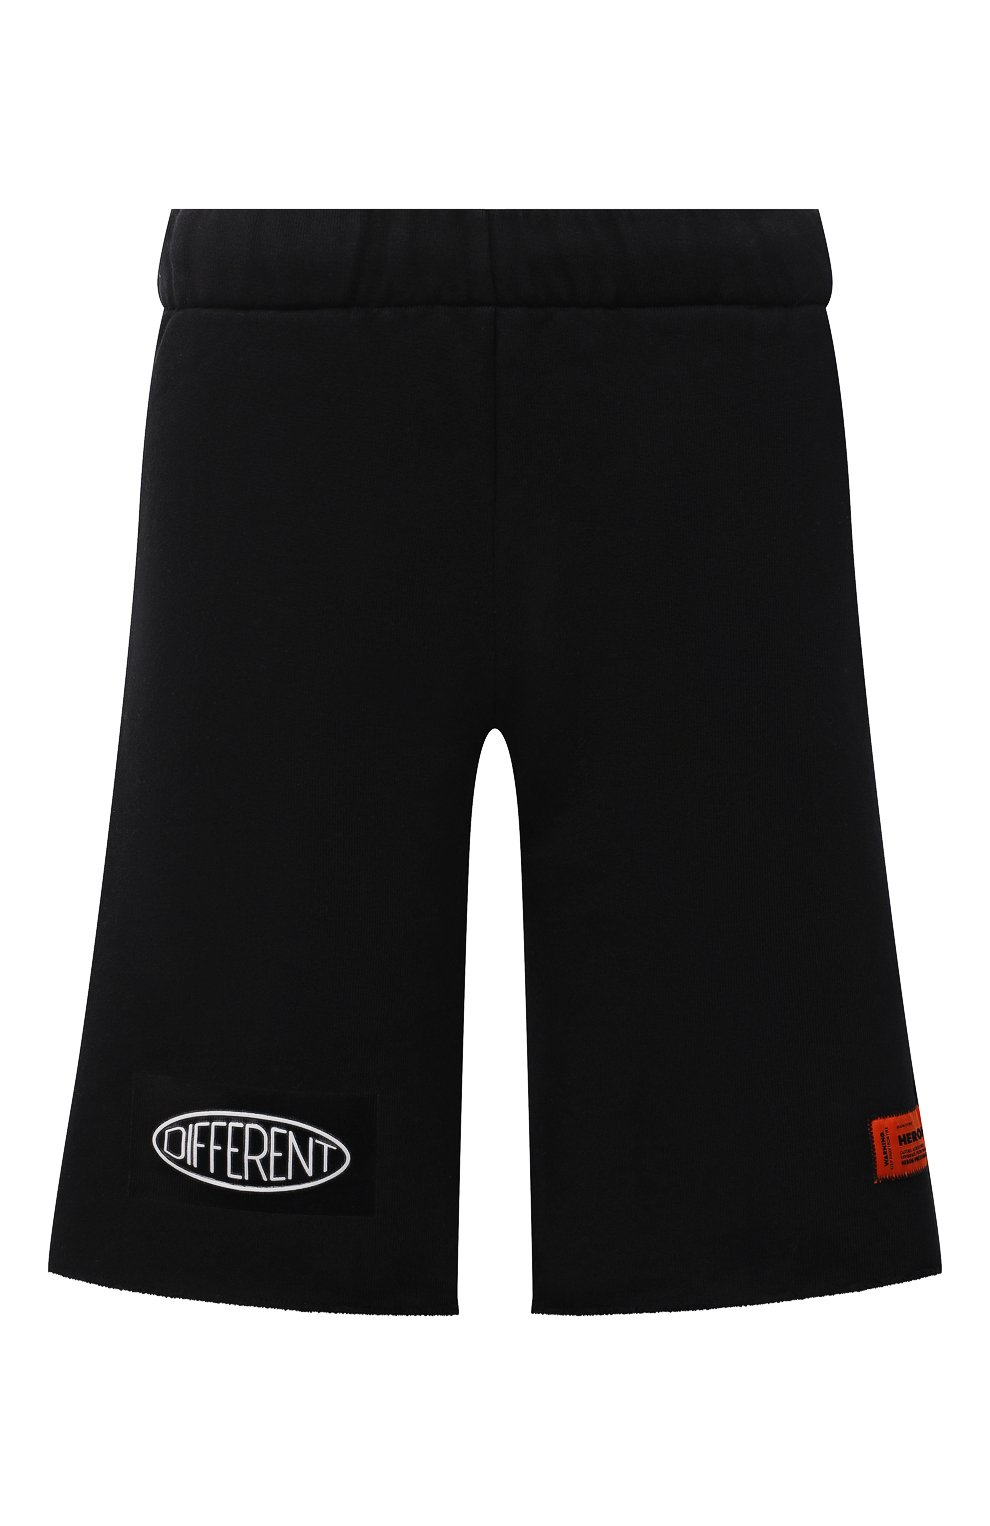 Женские хлопковые шорты HERON PRESTON черного цвета, арт. HWCI002F21JER0011001 | Фото 1 (Женское Кросс-КТ: Шорты-одежда; Длина Ж (юбки, платья, шорты): Мини; Кросс-КТ: Трикотаж; Материал внешний: Хлопок; Стили: Спорт-шик)